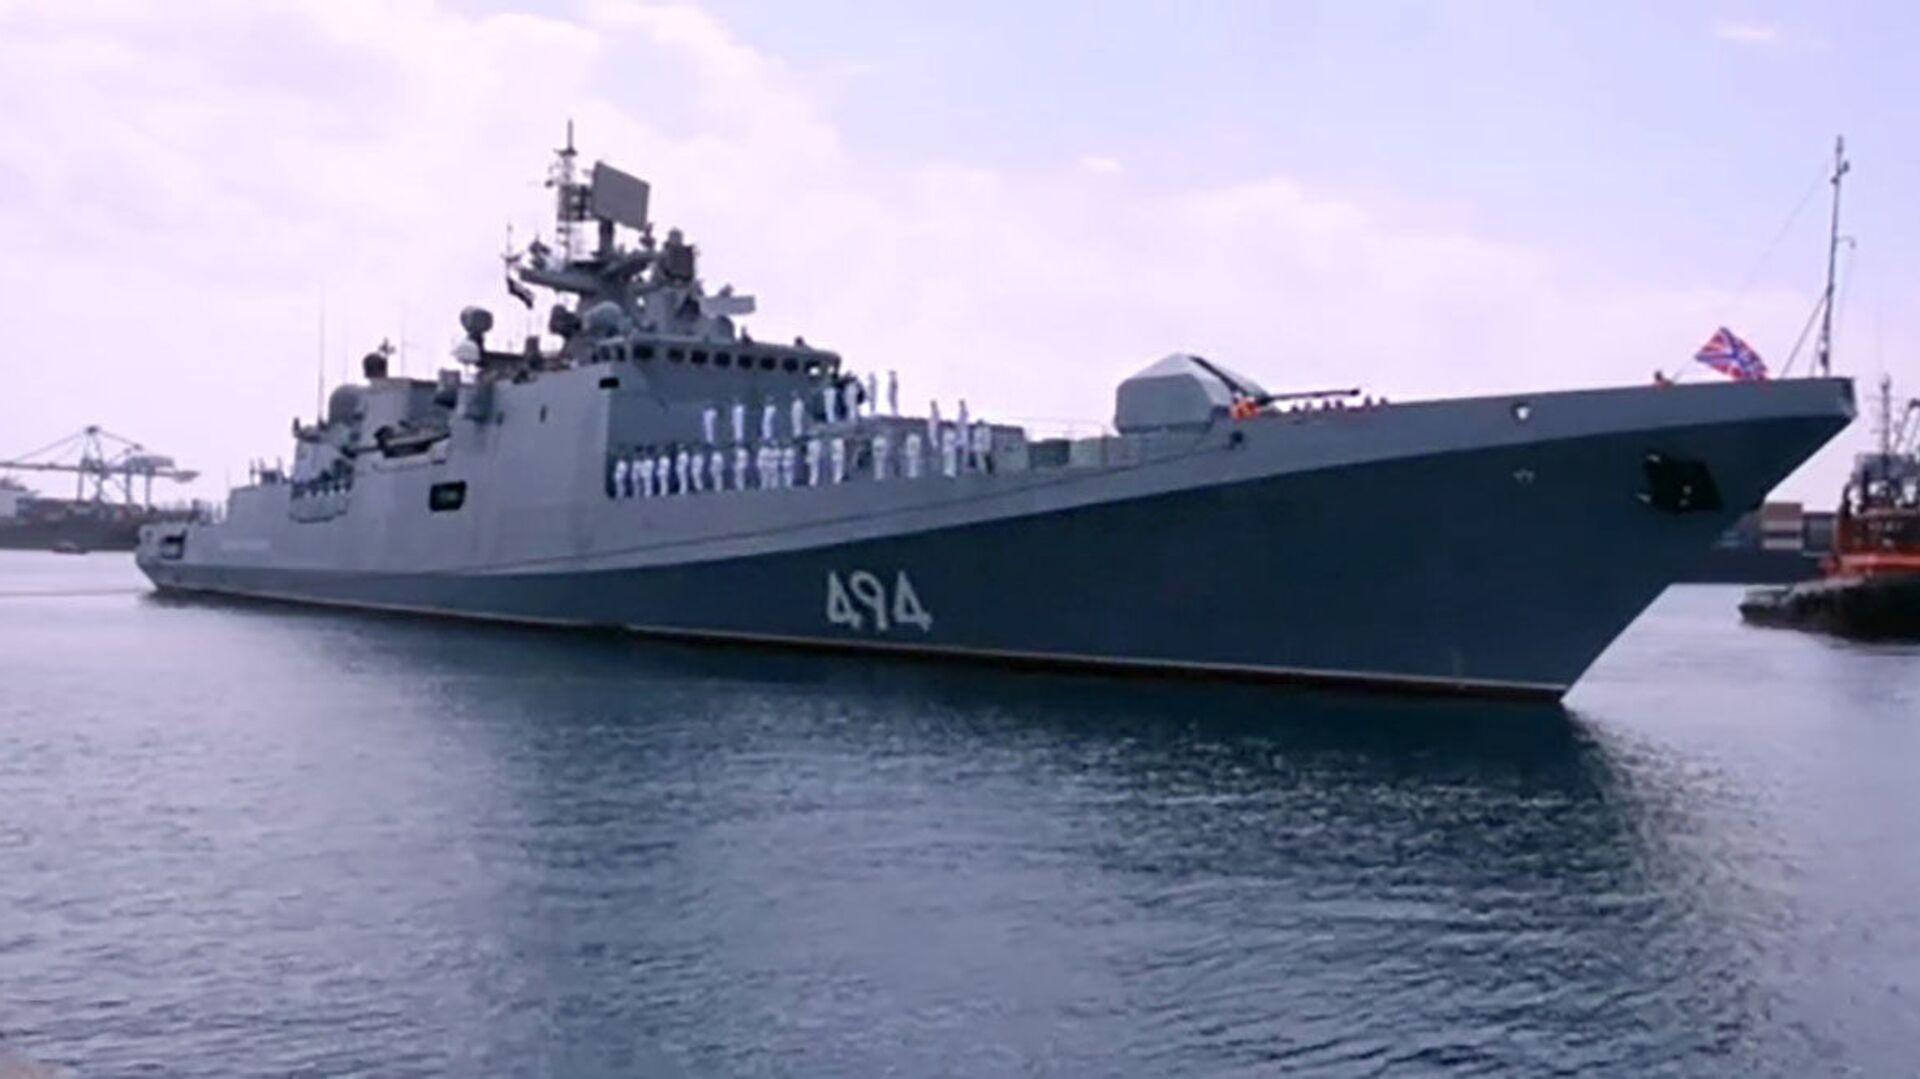 Ruská válečná loď v přístavu Súdánu - Sputnik Česká republika, 1920, 28.04.2021